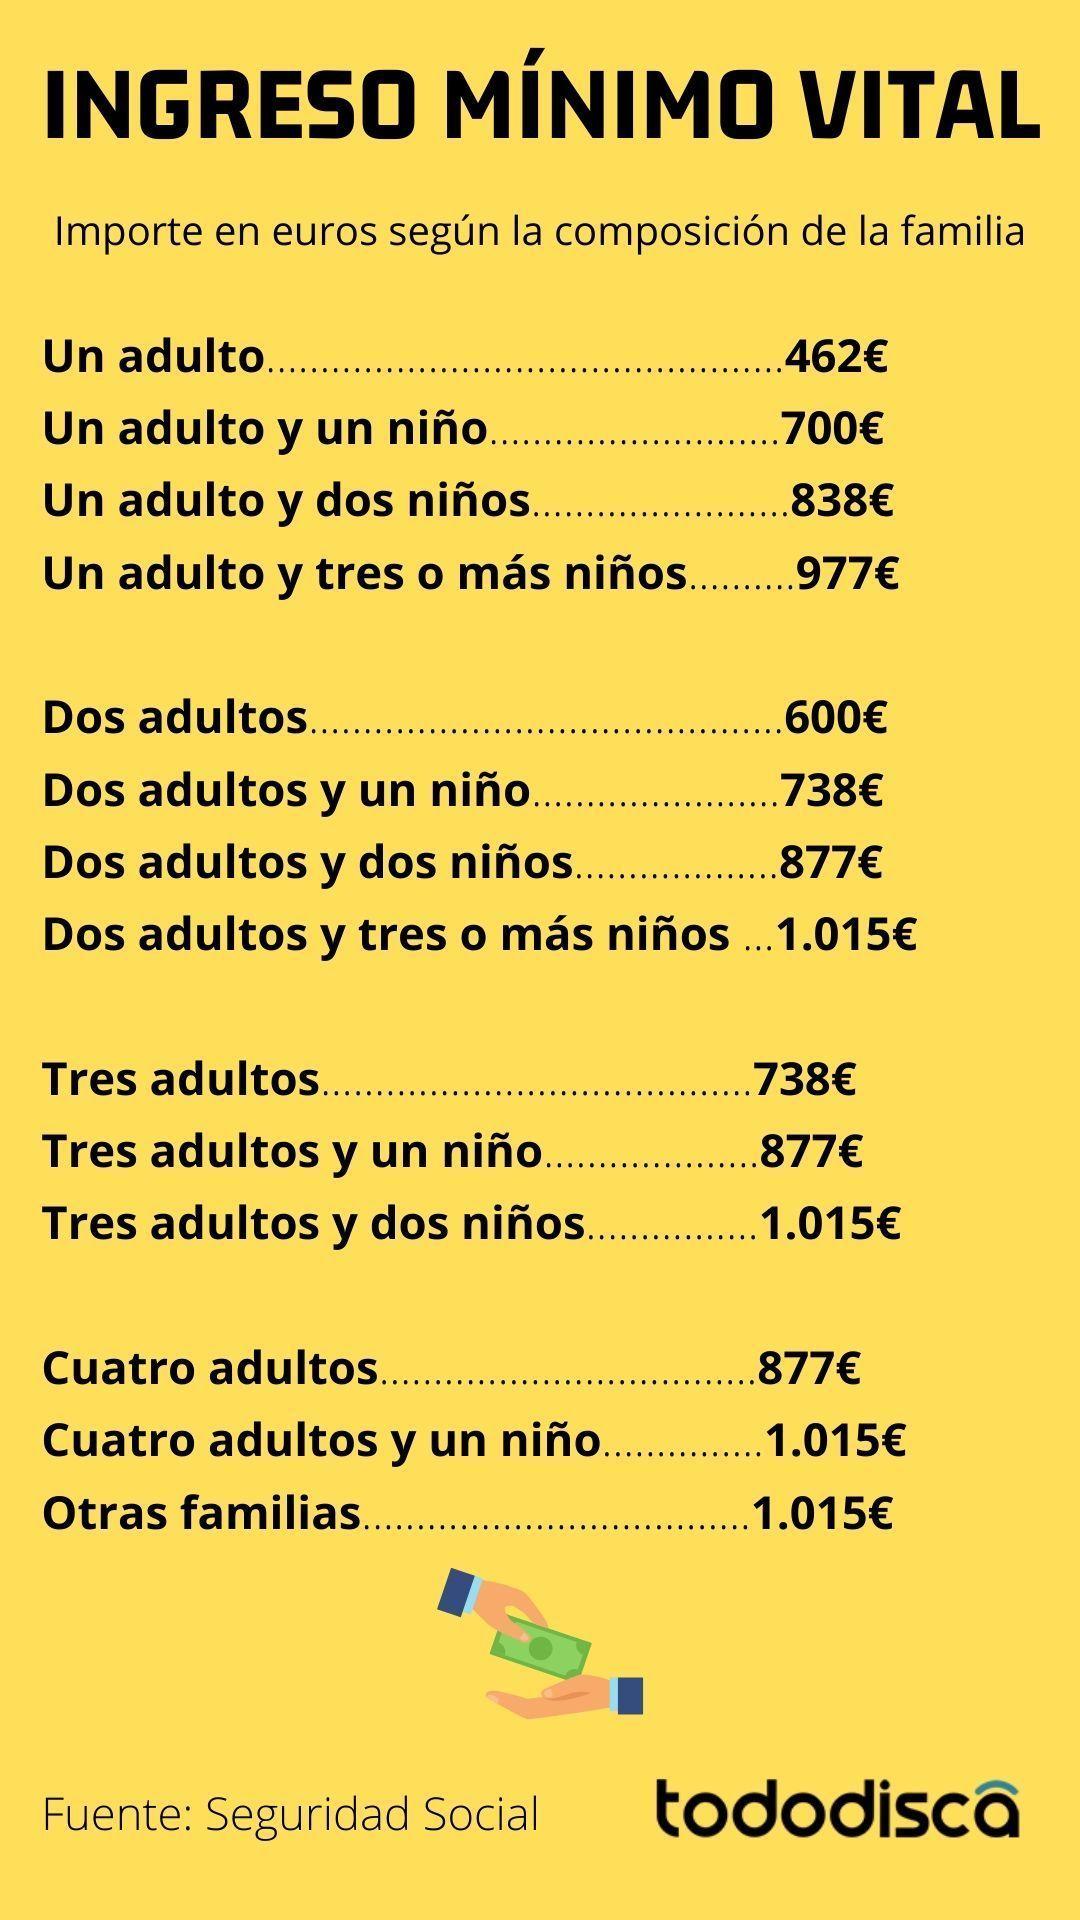 Infografia con el Importe en euros según la composición de la familia en el Ingreso Mínimo Vital | Tododisca